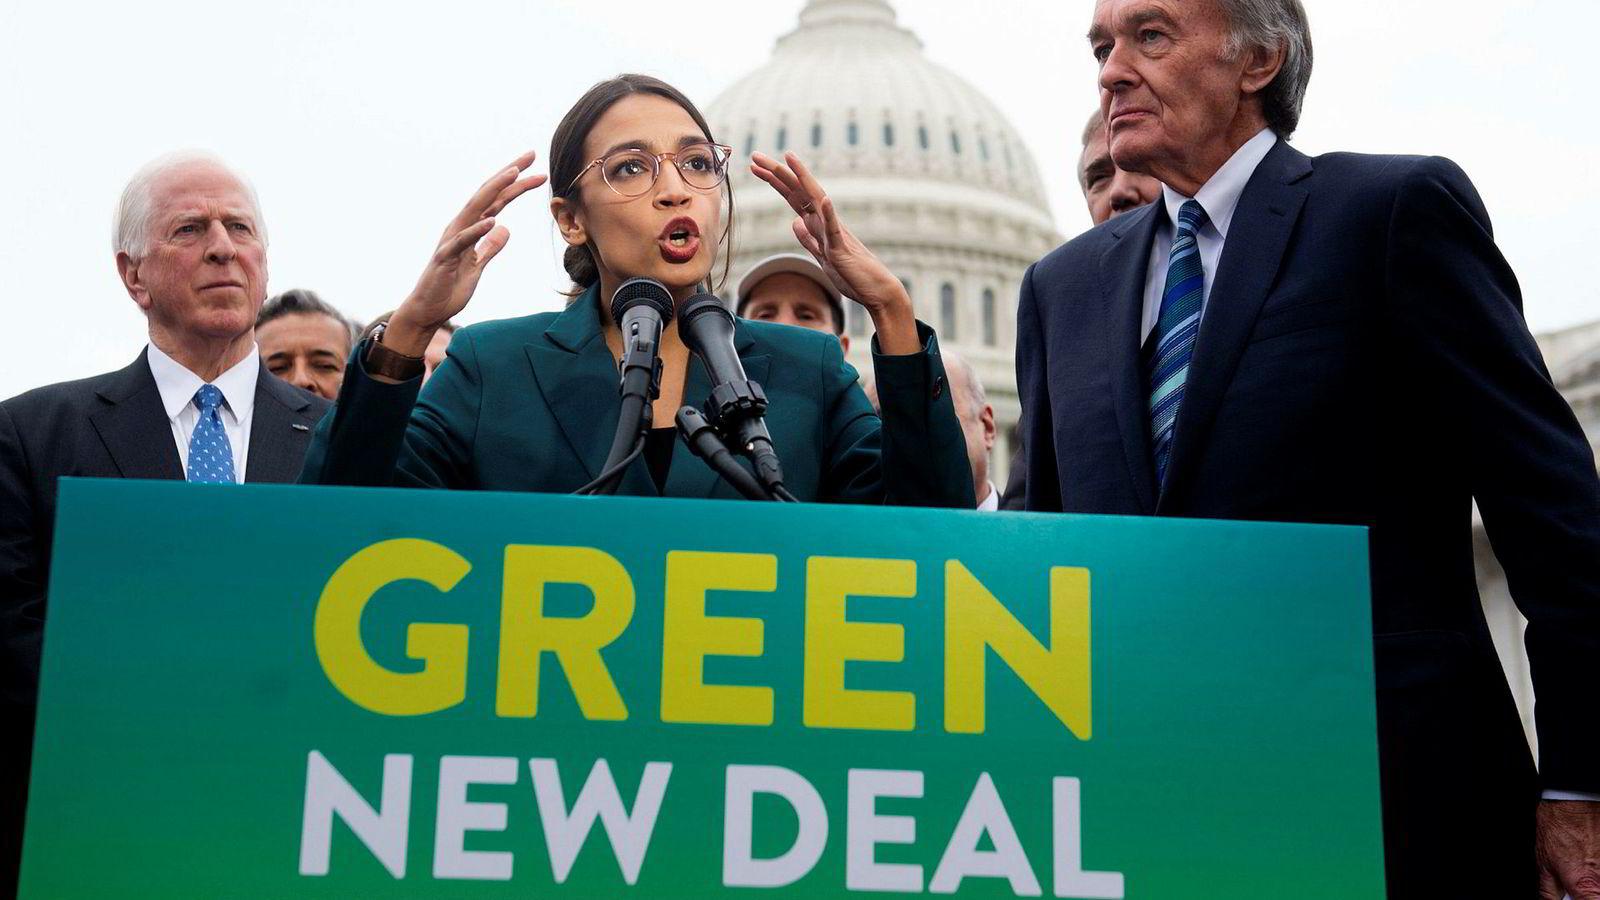 Den nye kongressrepresentanten Alexandria Ocasio-Cortez lanserte nylig sin nye grønne klimaplan – med mye attåt – sammen med senator Ed Markey (til høyre).